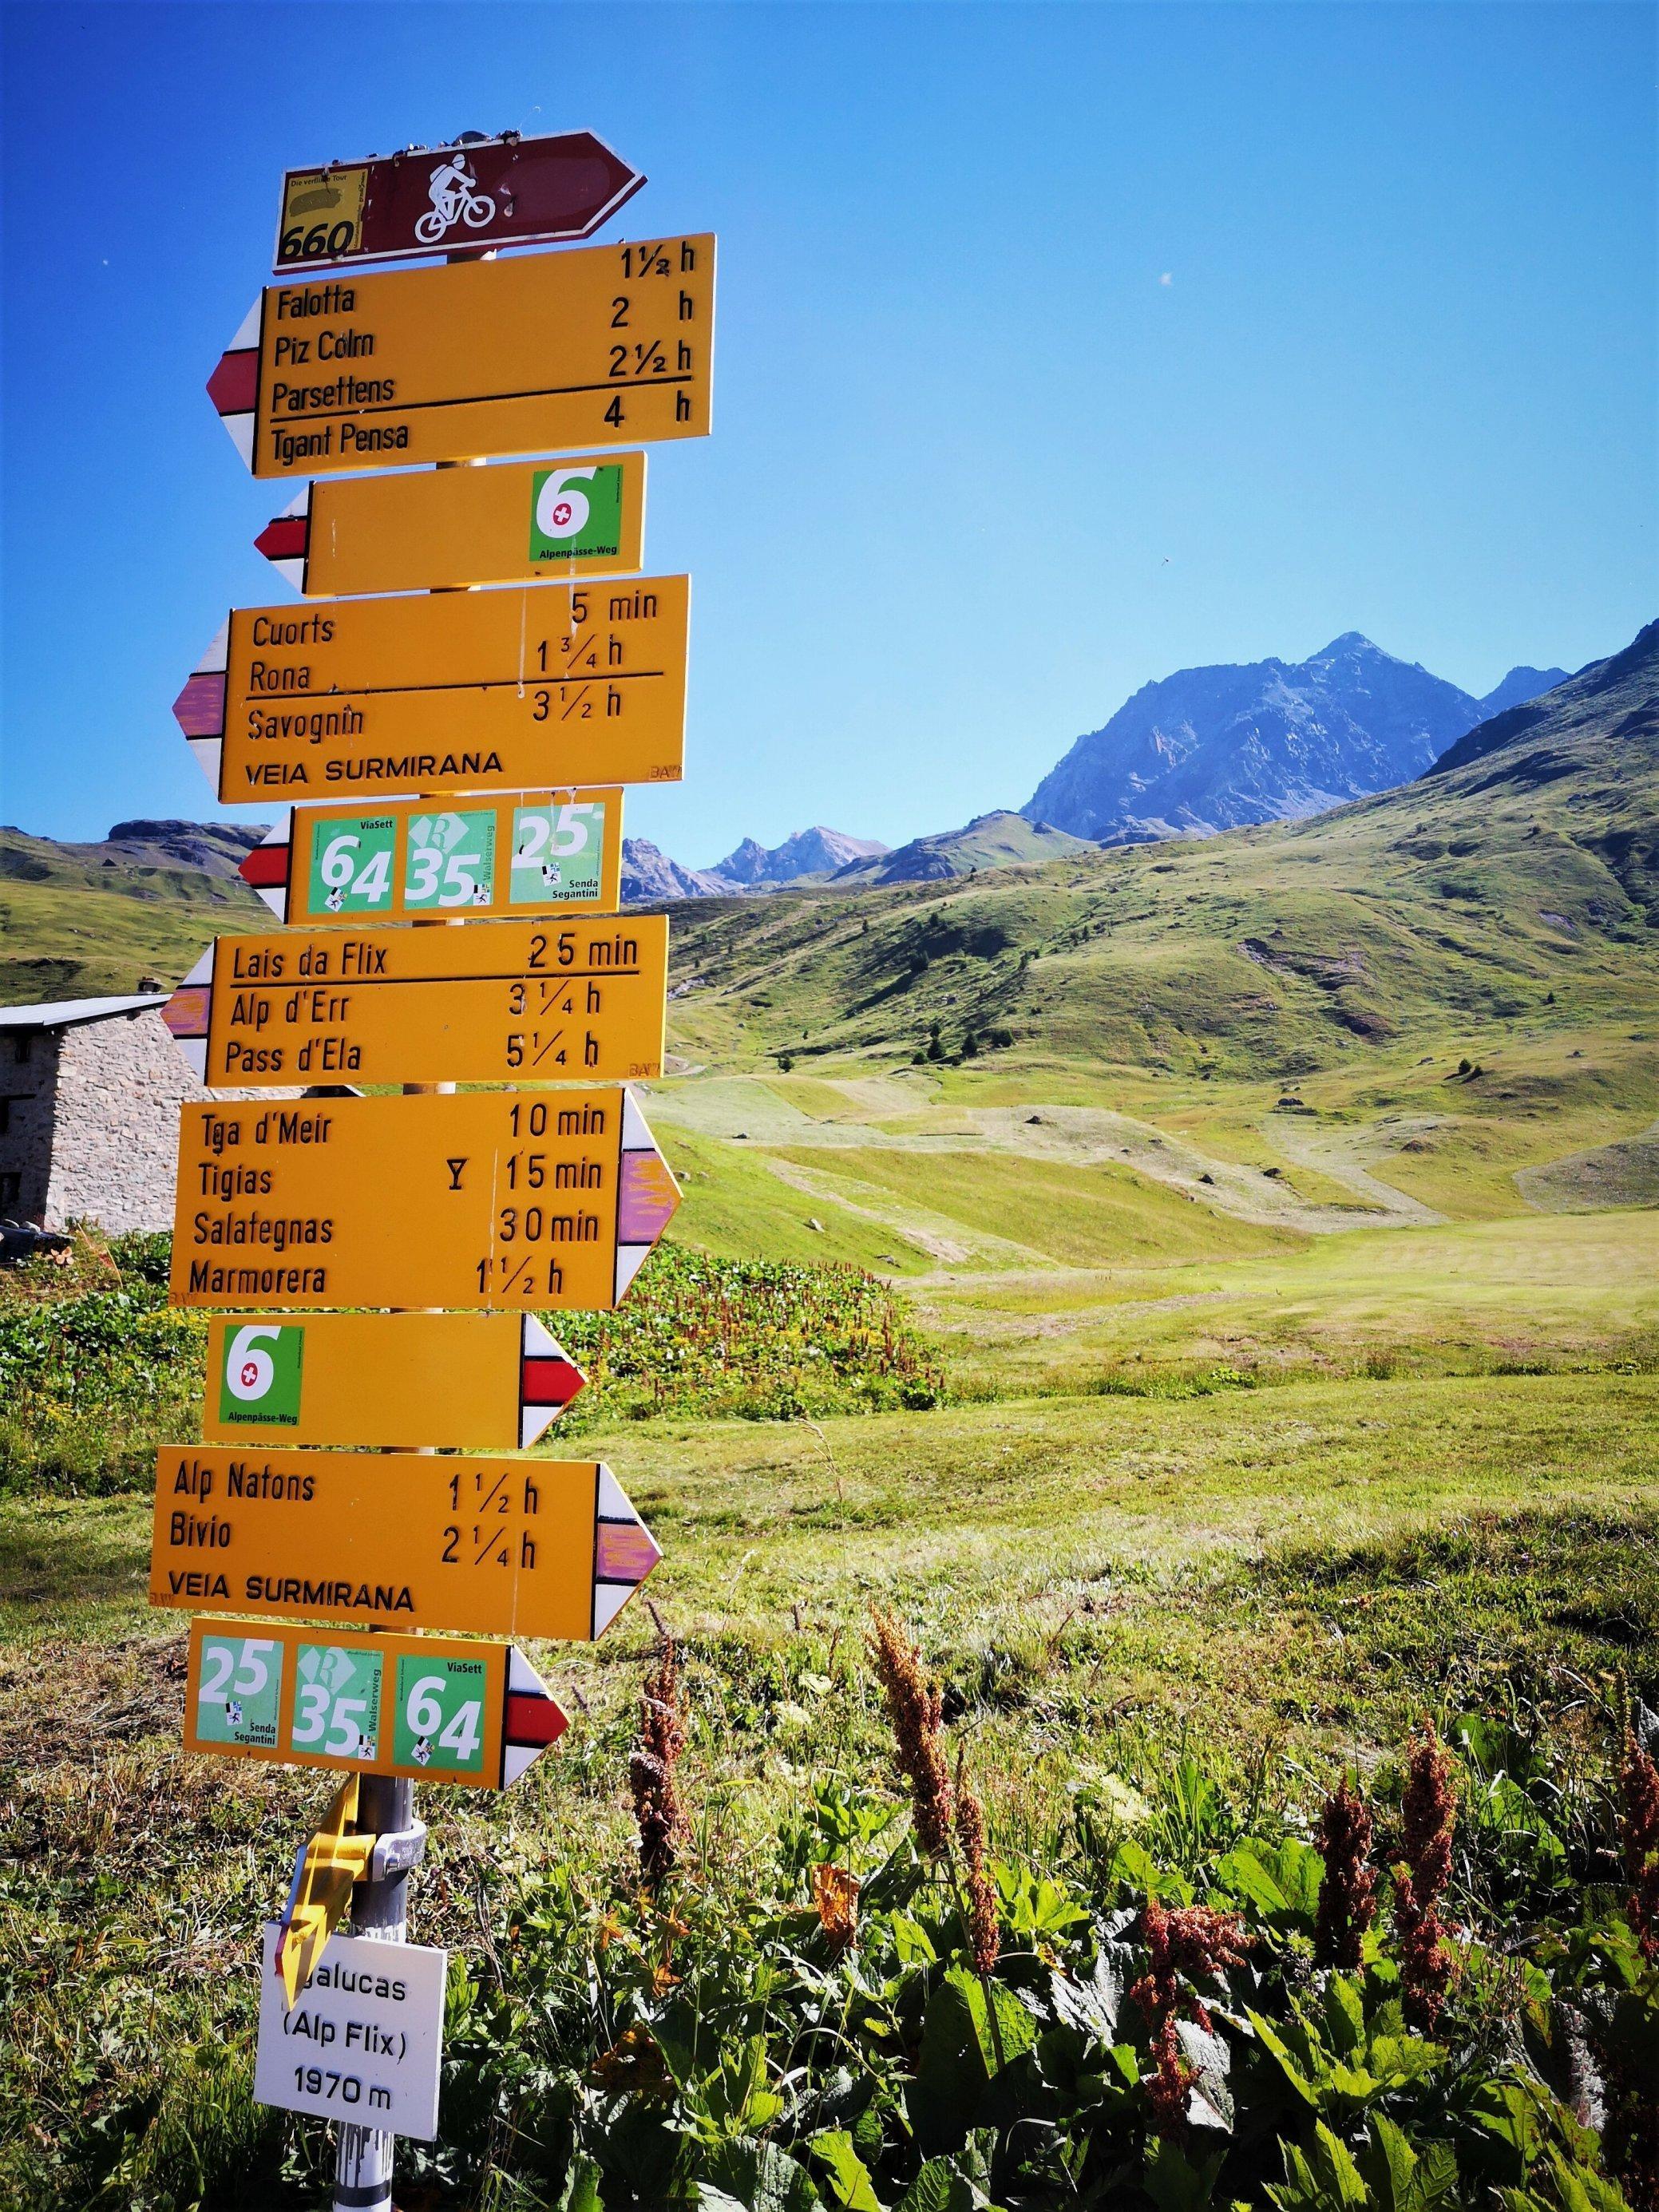 Knallgelber Schilderwald mit Hinweisen für Radfahrer und Wanderer auf der Alp Flix, hinter der ein spitzes, hohes Bergmassiv aufragt.